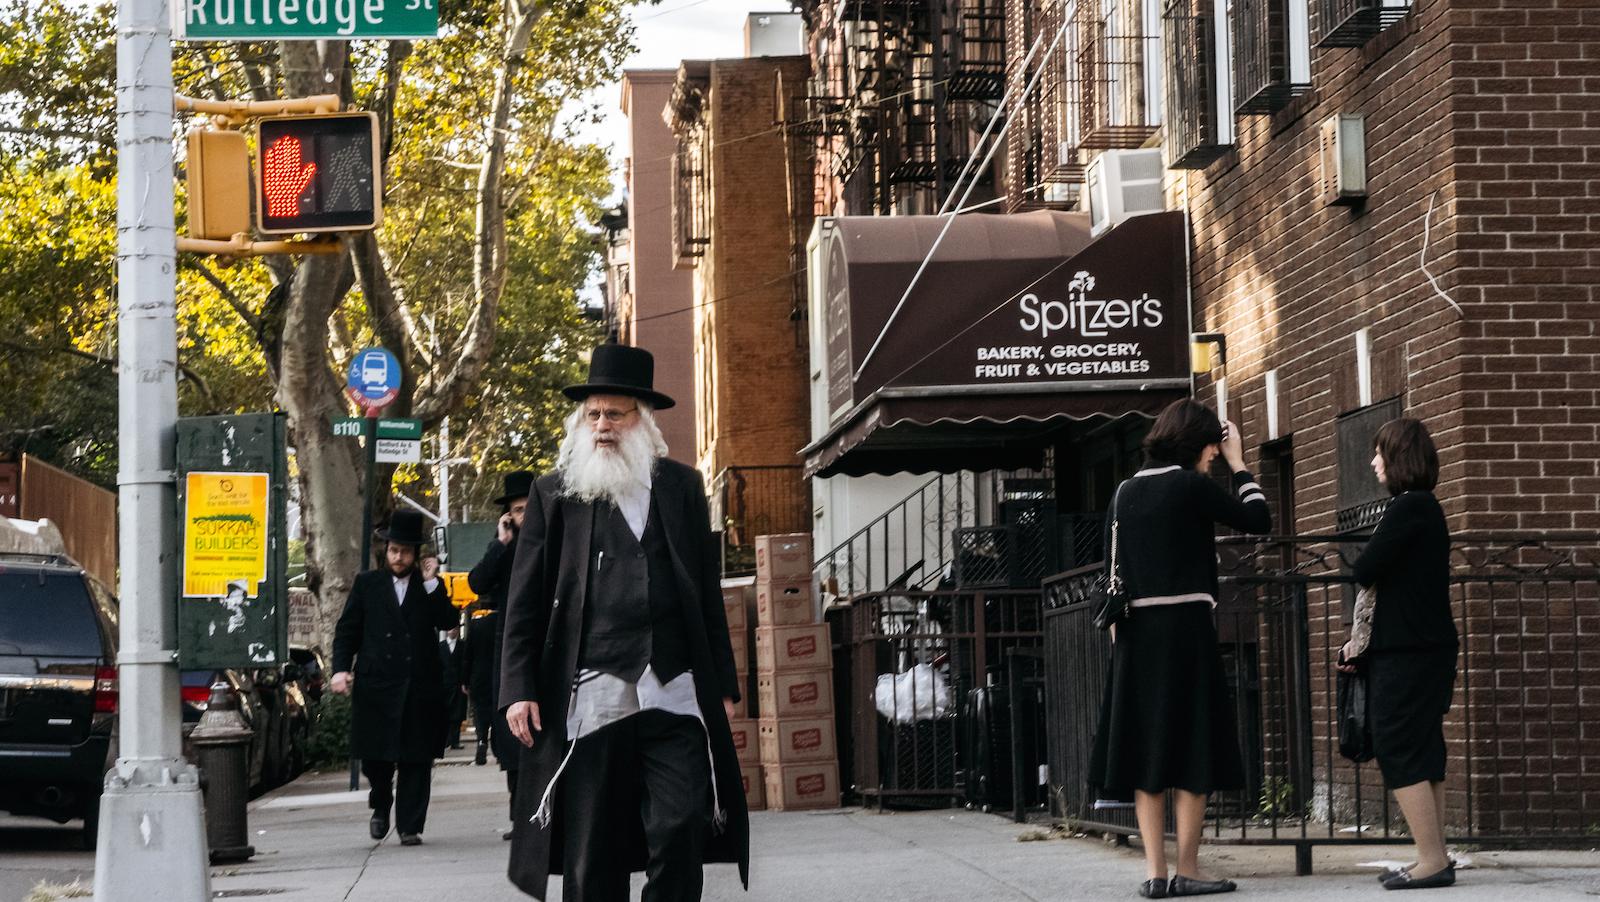 A zsidó közösségeknek meg kell védeniük magukat Amerikában, véli a szakember